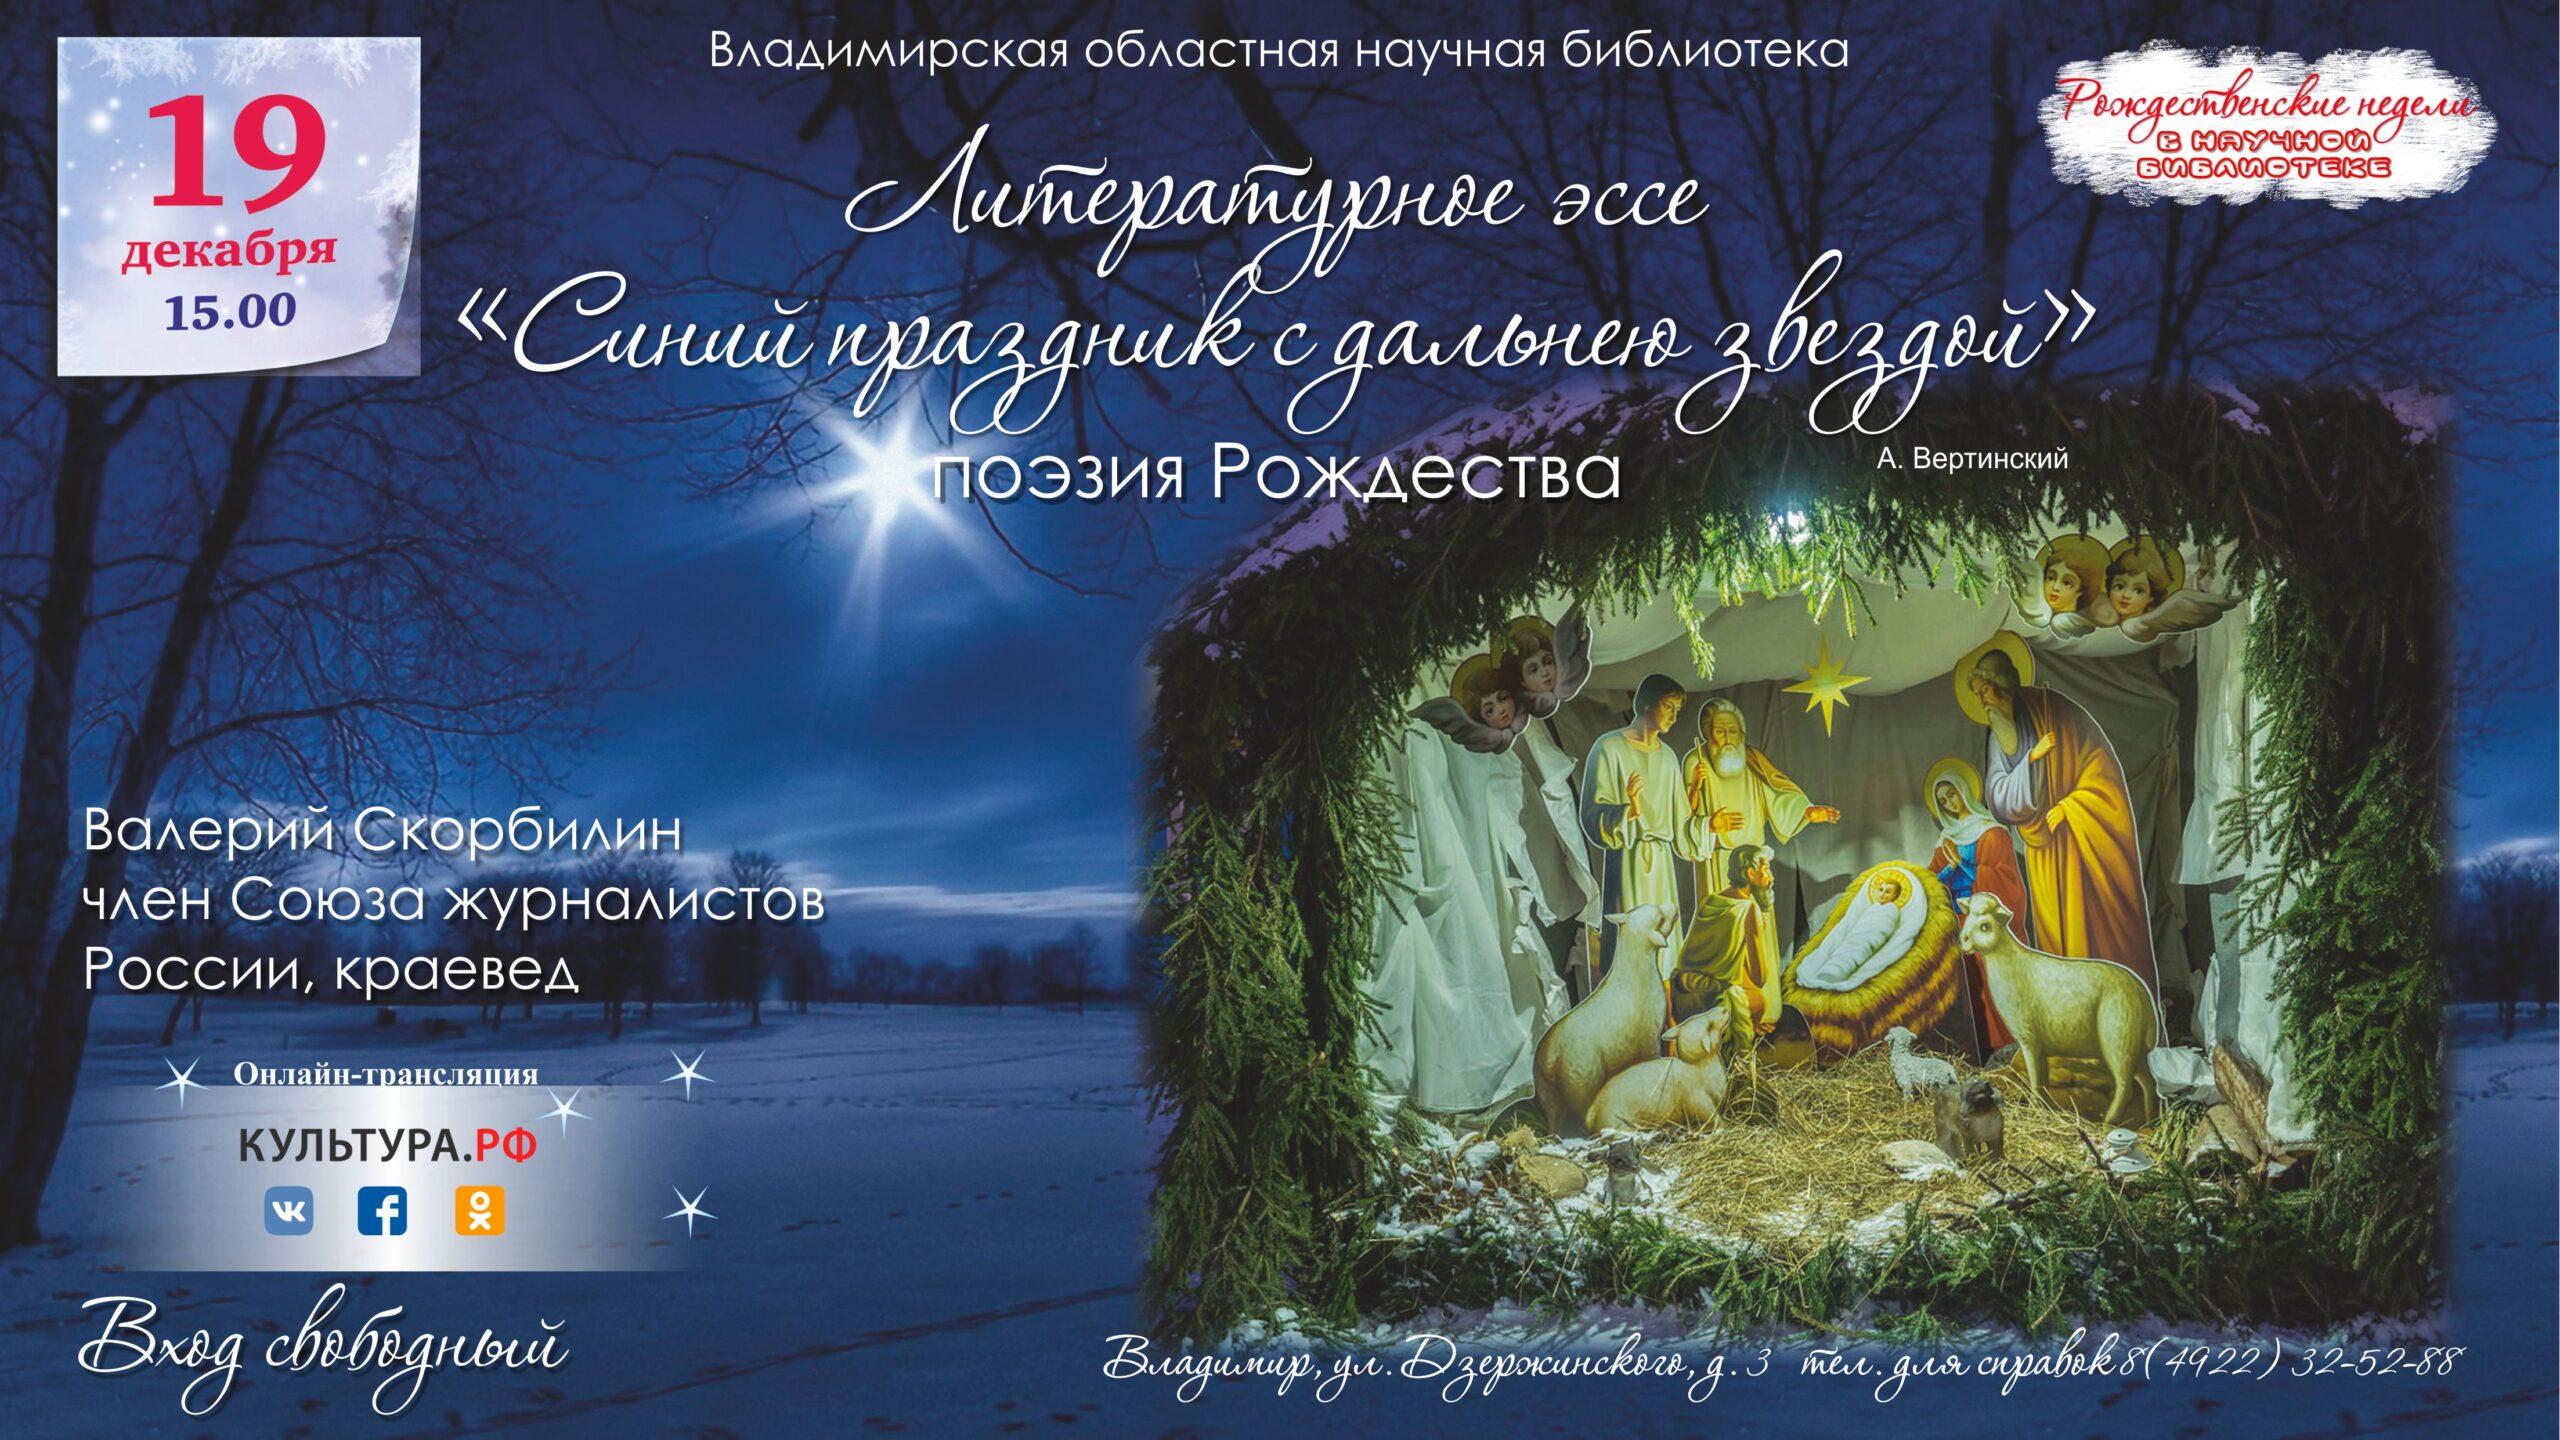 Афиша литературного эссе Валерия Скорбилина «Синий праздник с дальнею звездой»